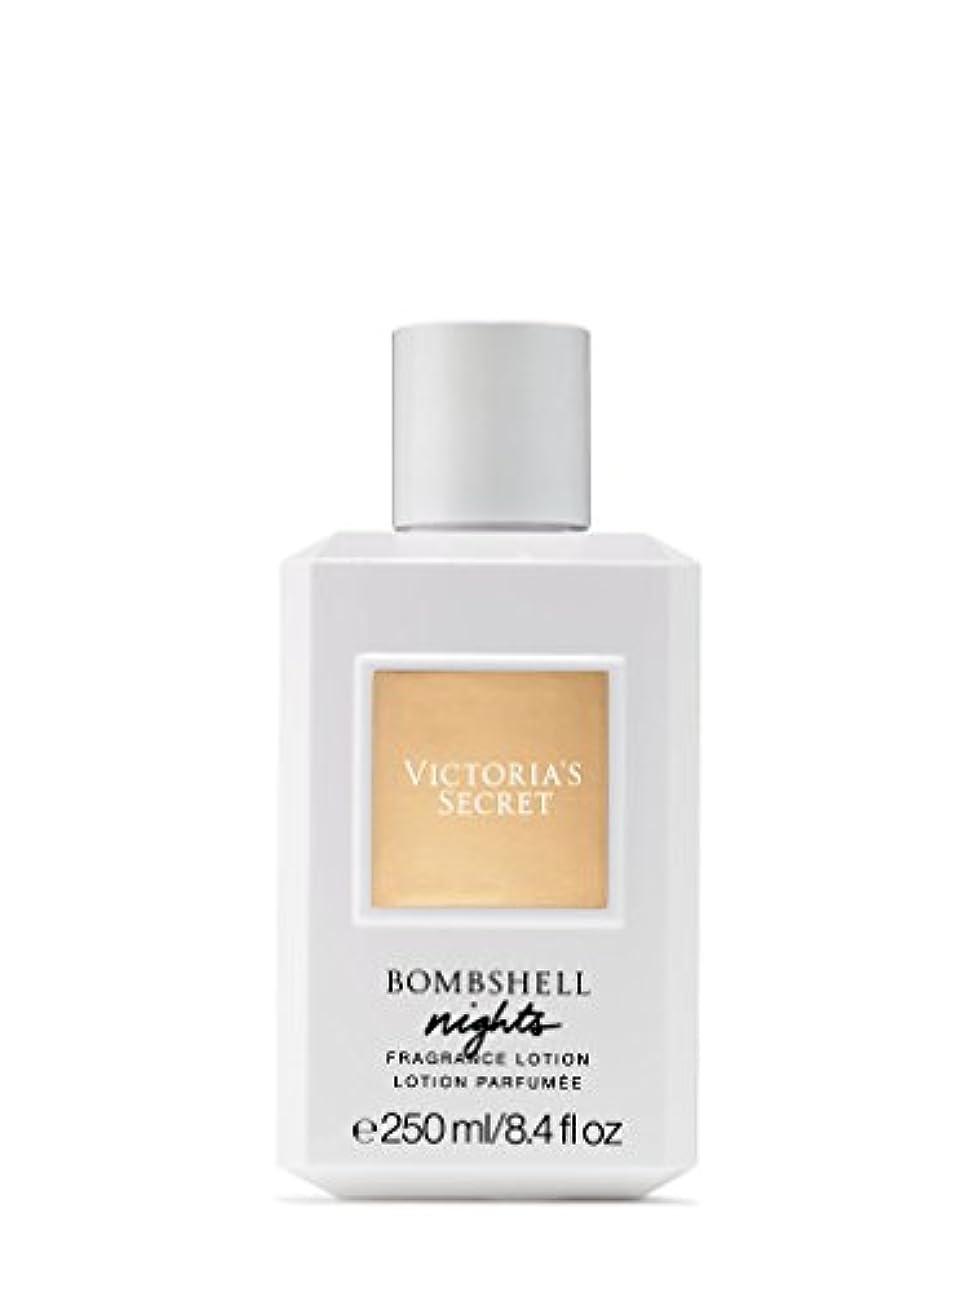 犯罪コールド自体Bombshell Nights (ボムシェル ナイツ) 8.4 oz (252ml) Fragrance Body Lotion ボディーローション by Victoria's Secret for Women